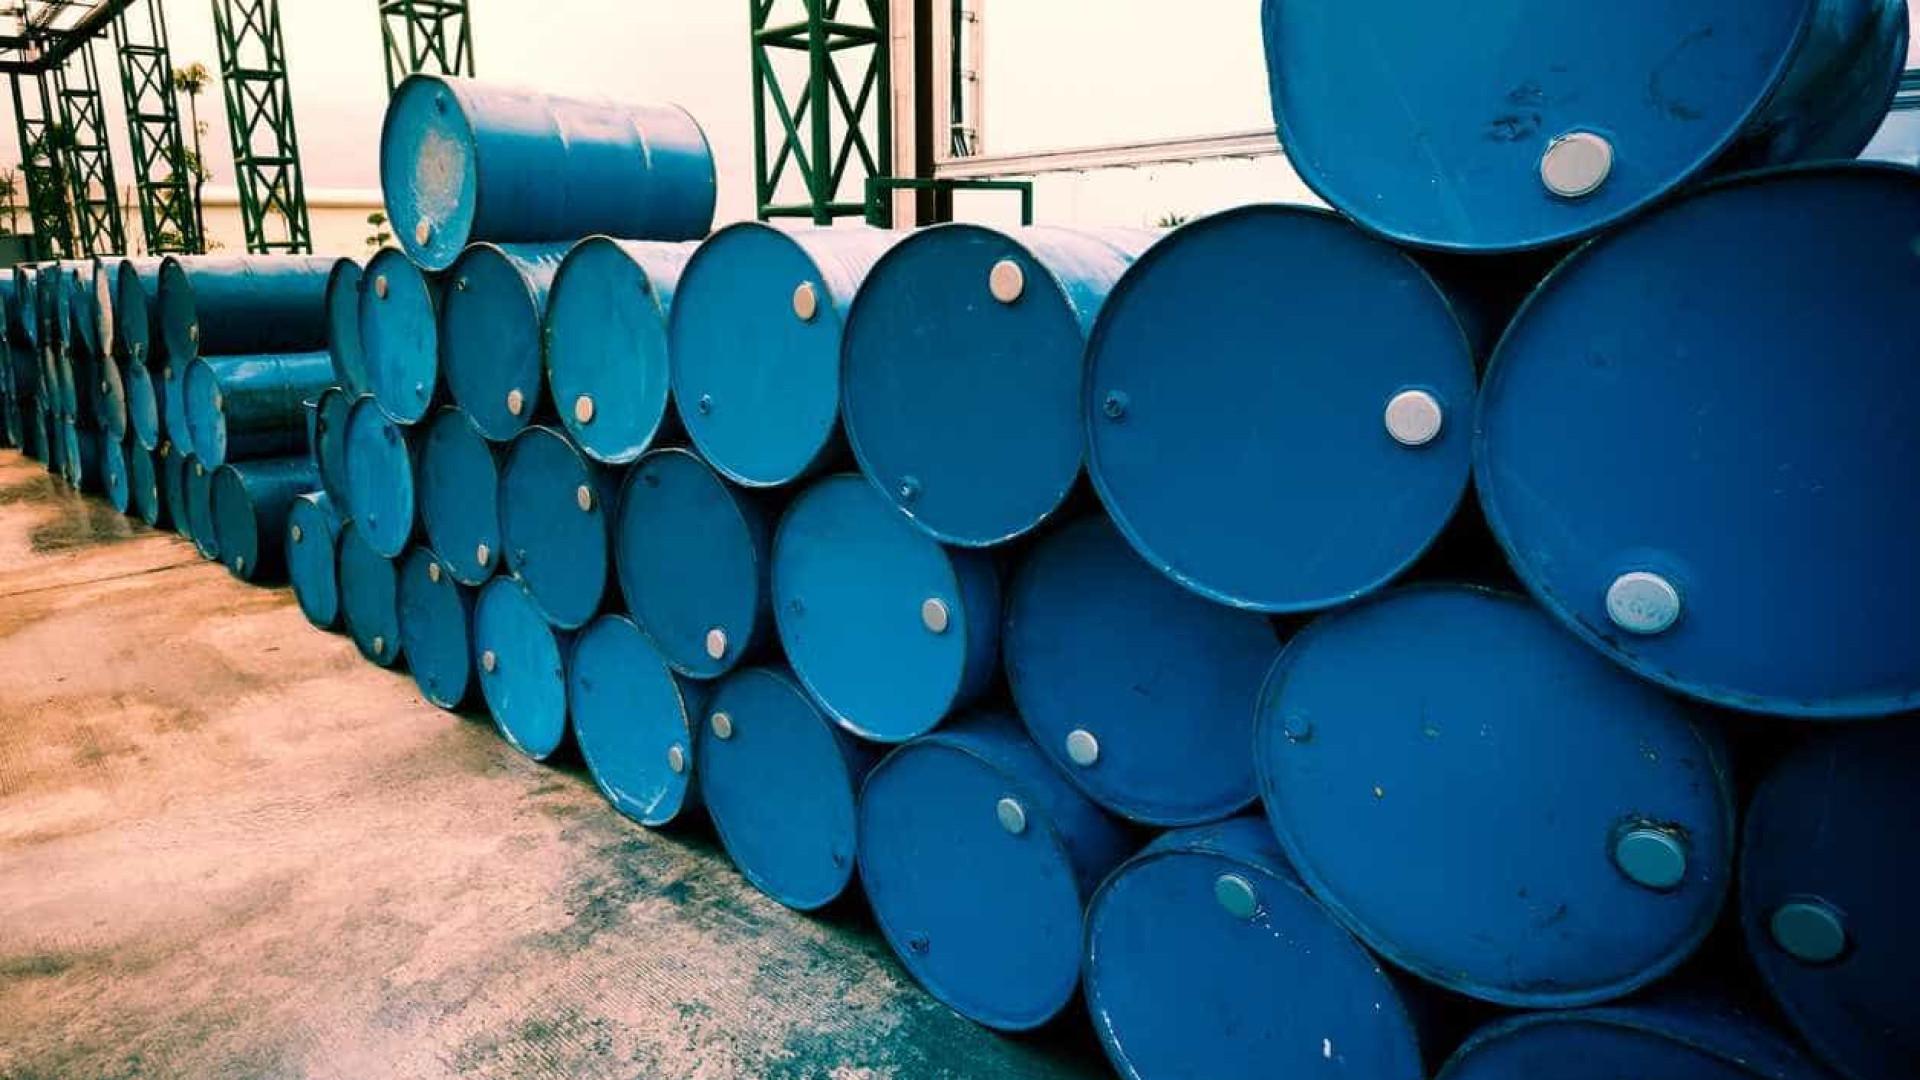 Produção de petróleo no Brasil aumenta em maio